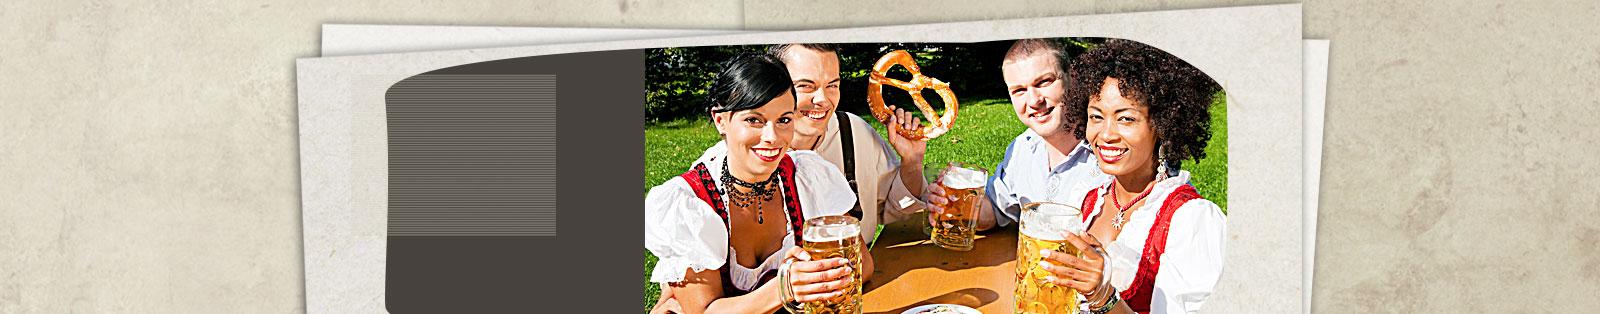 Eventi al nostro pub tedesco